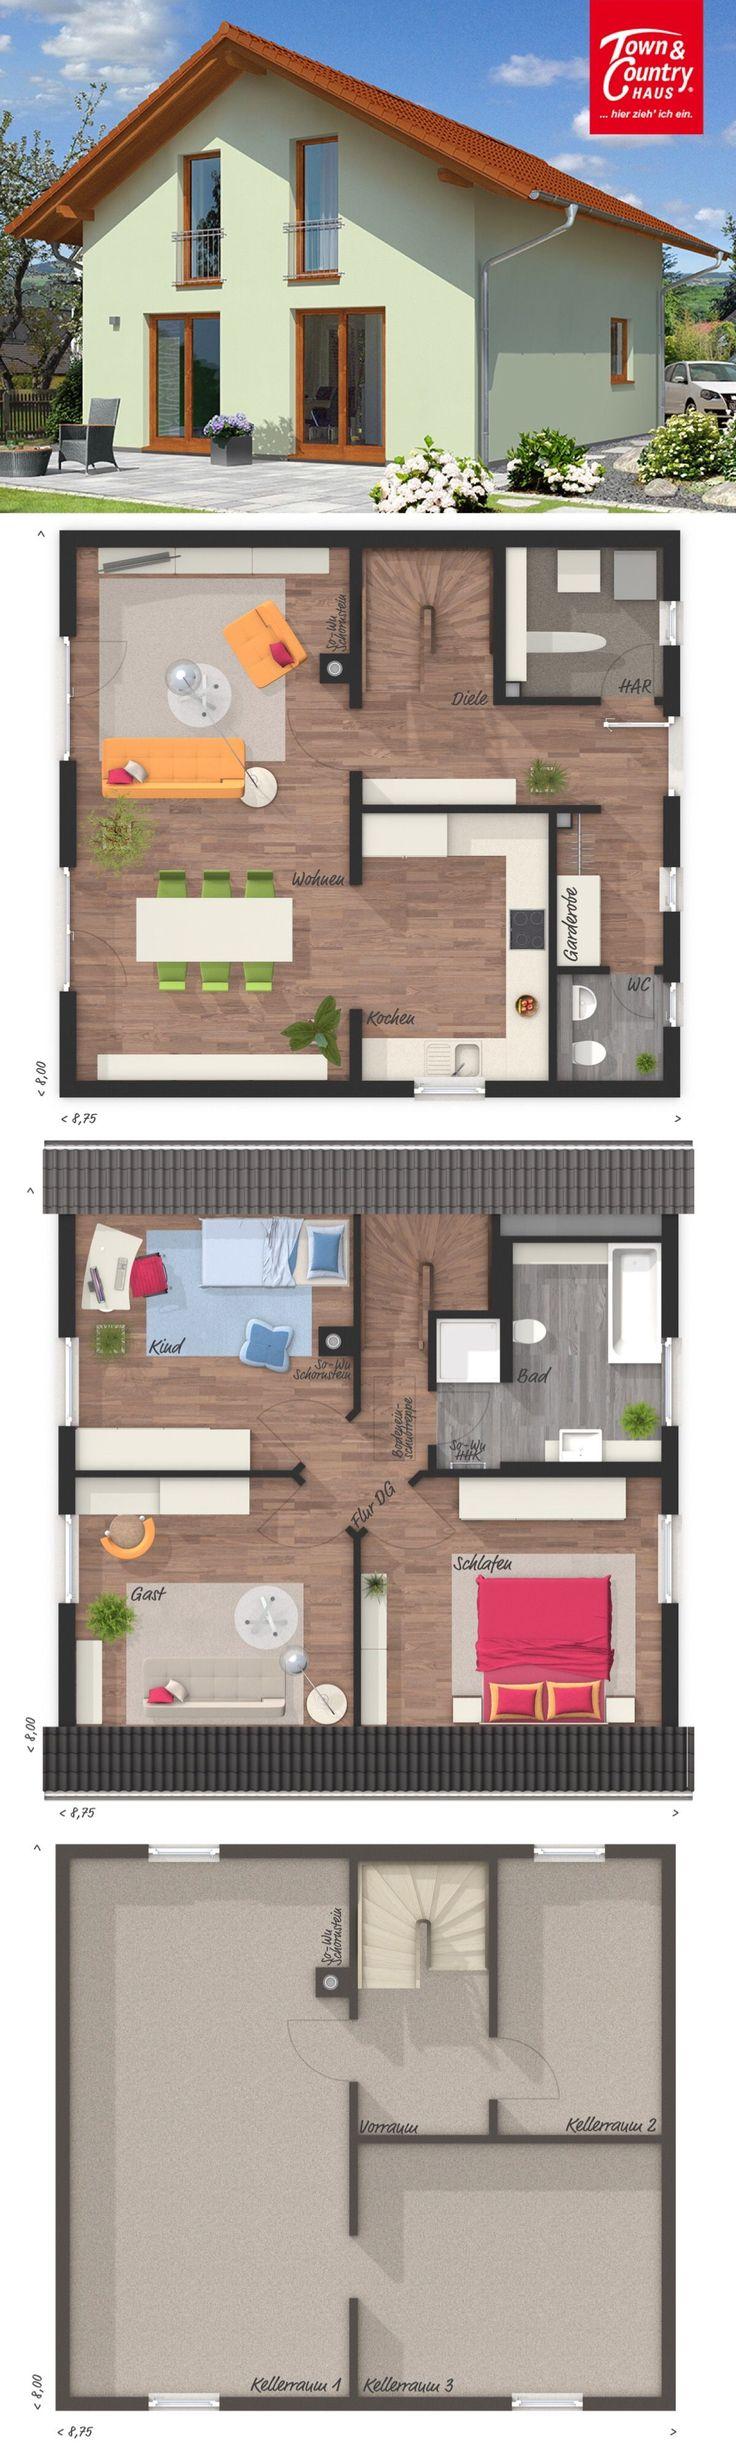 Einfamilienhaus klassisch mit satteldach architektur 4 for Einfamilienhaus klassisch